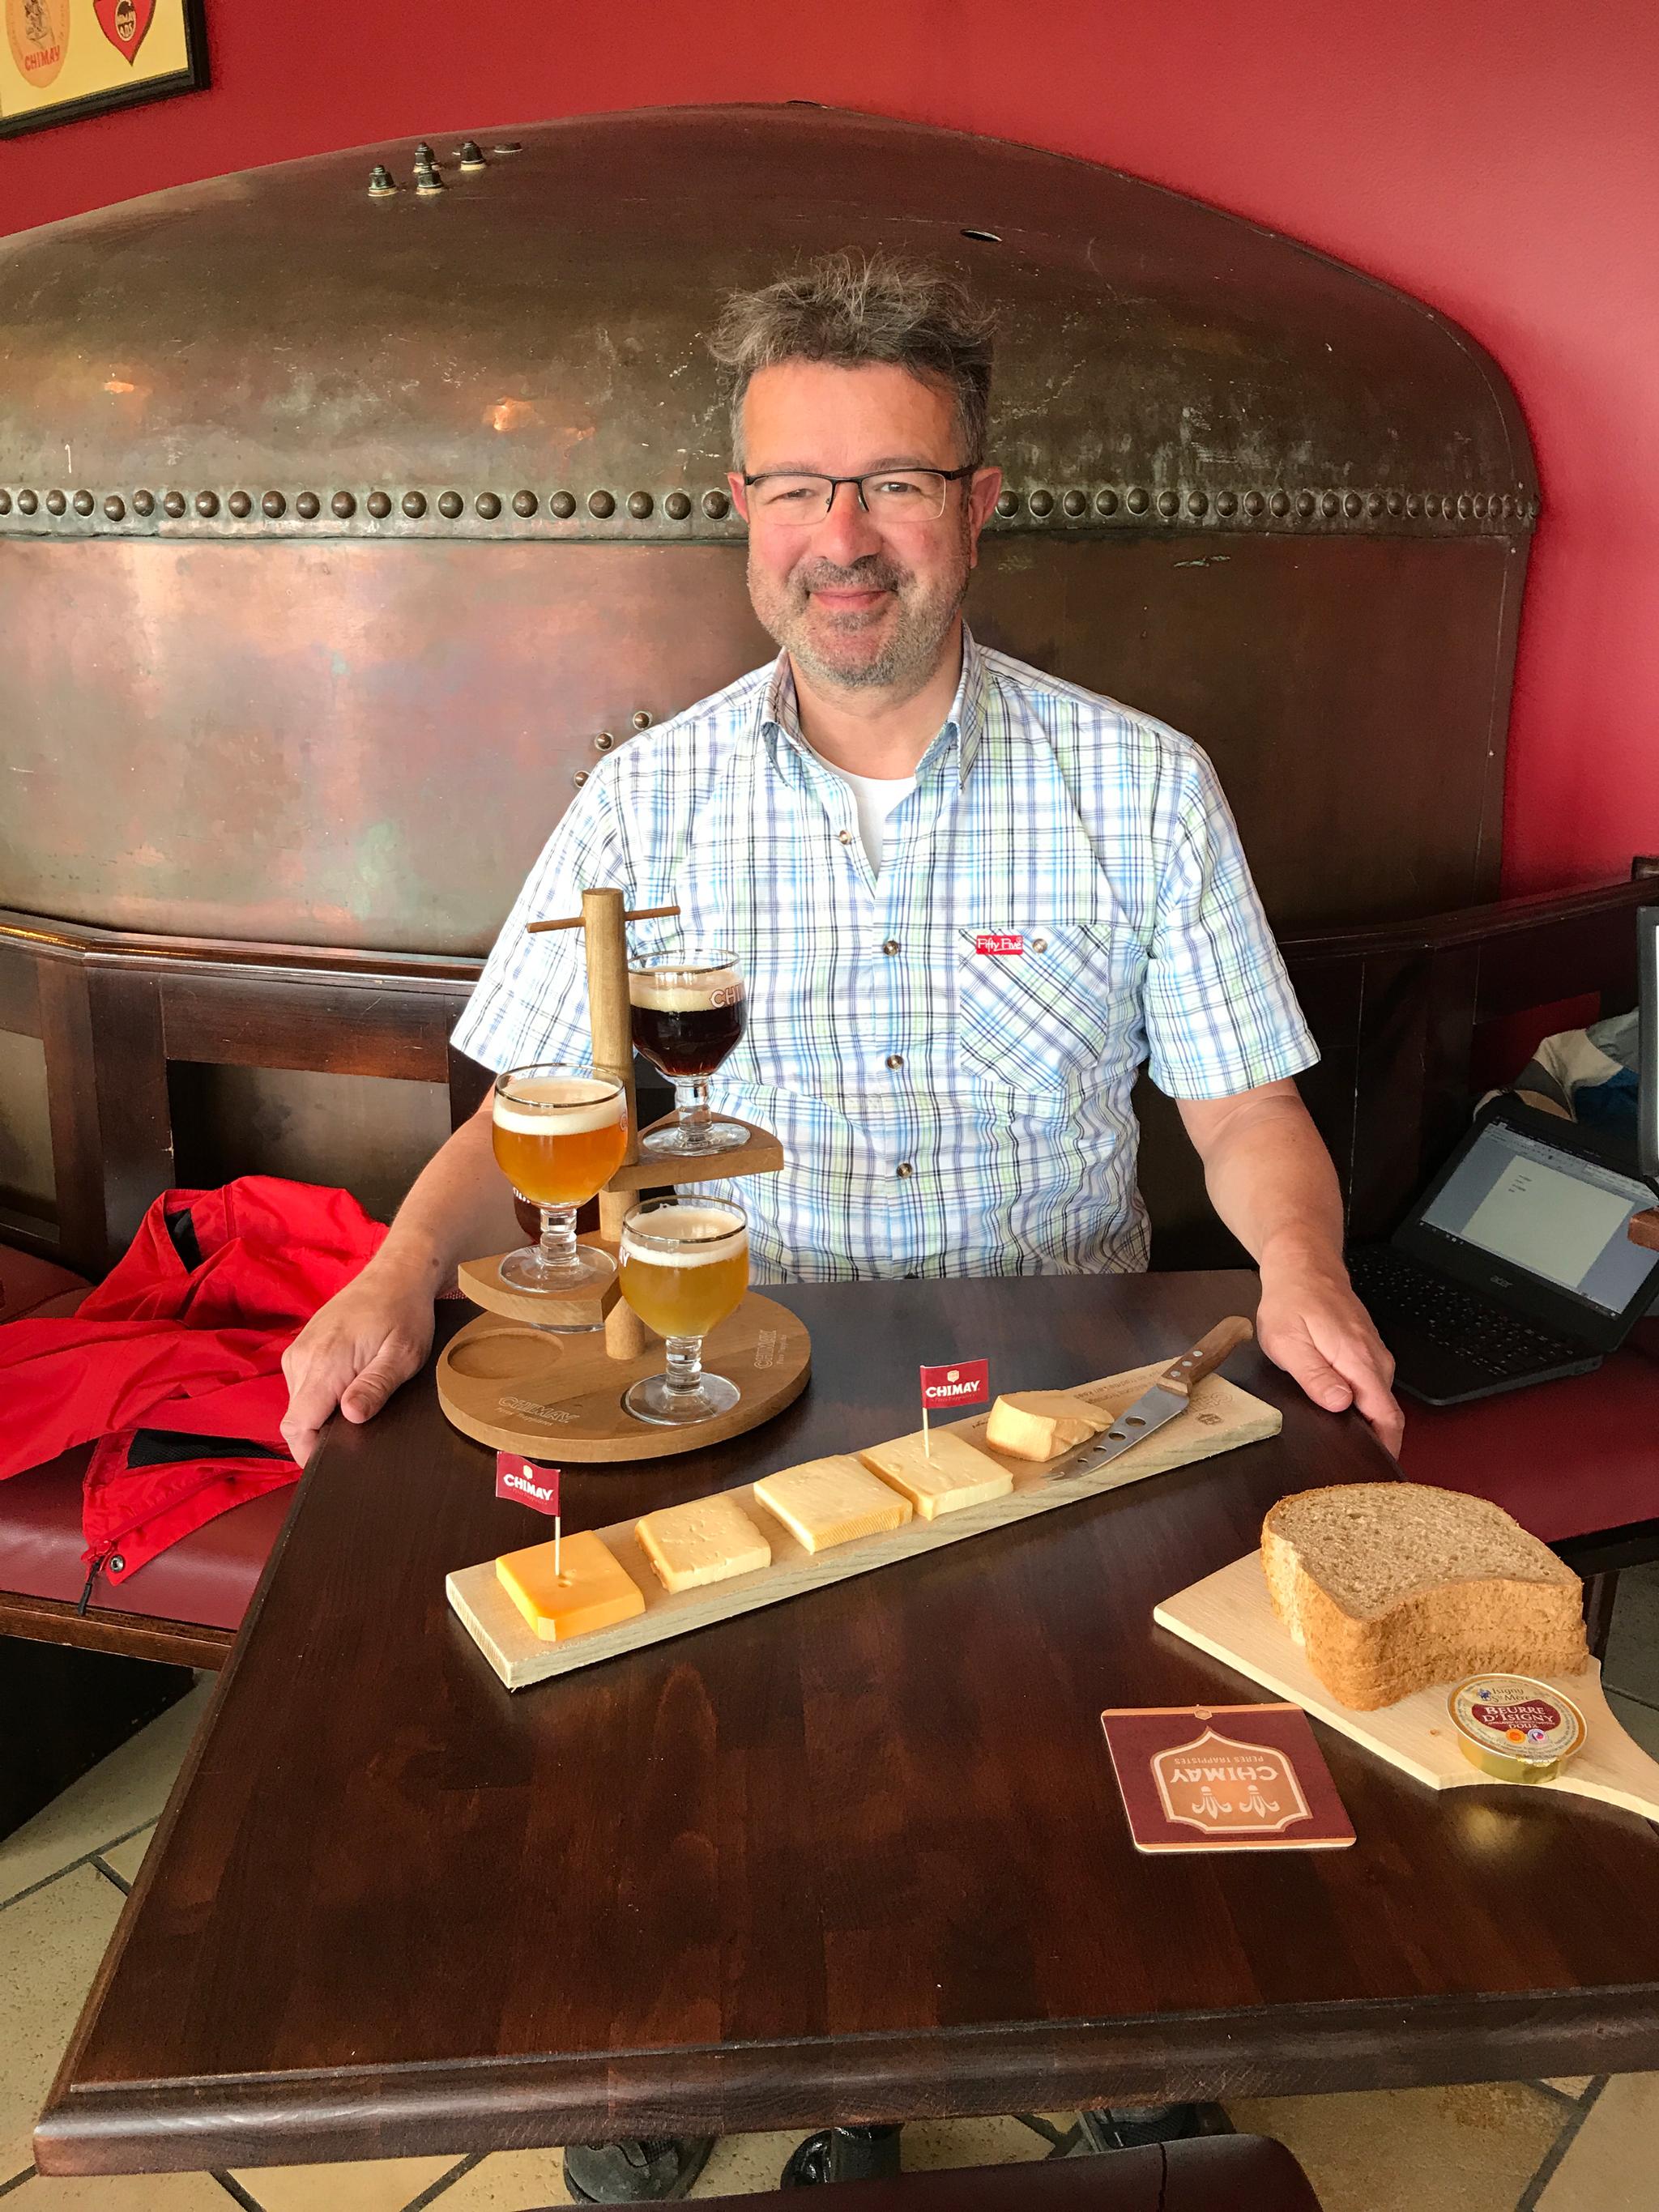 Manuel genießt das Trappistenbier von Chimay mit passendem Käse und Brot. © M. Andrack